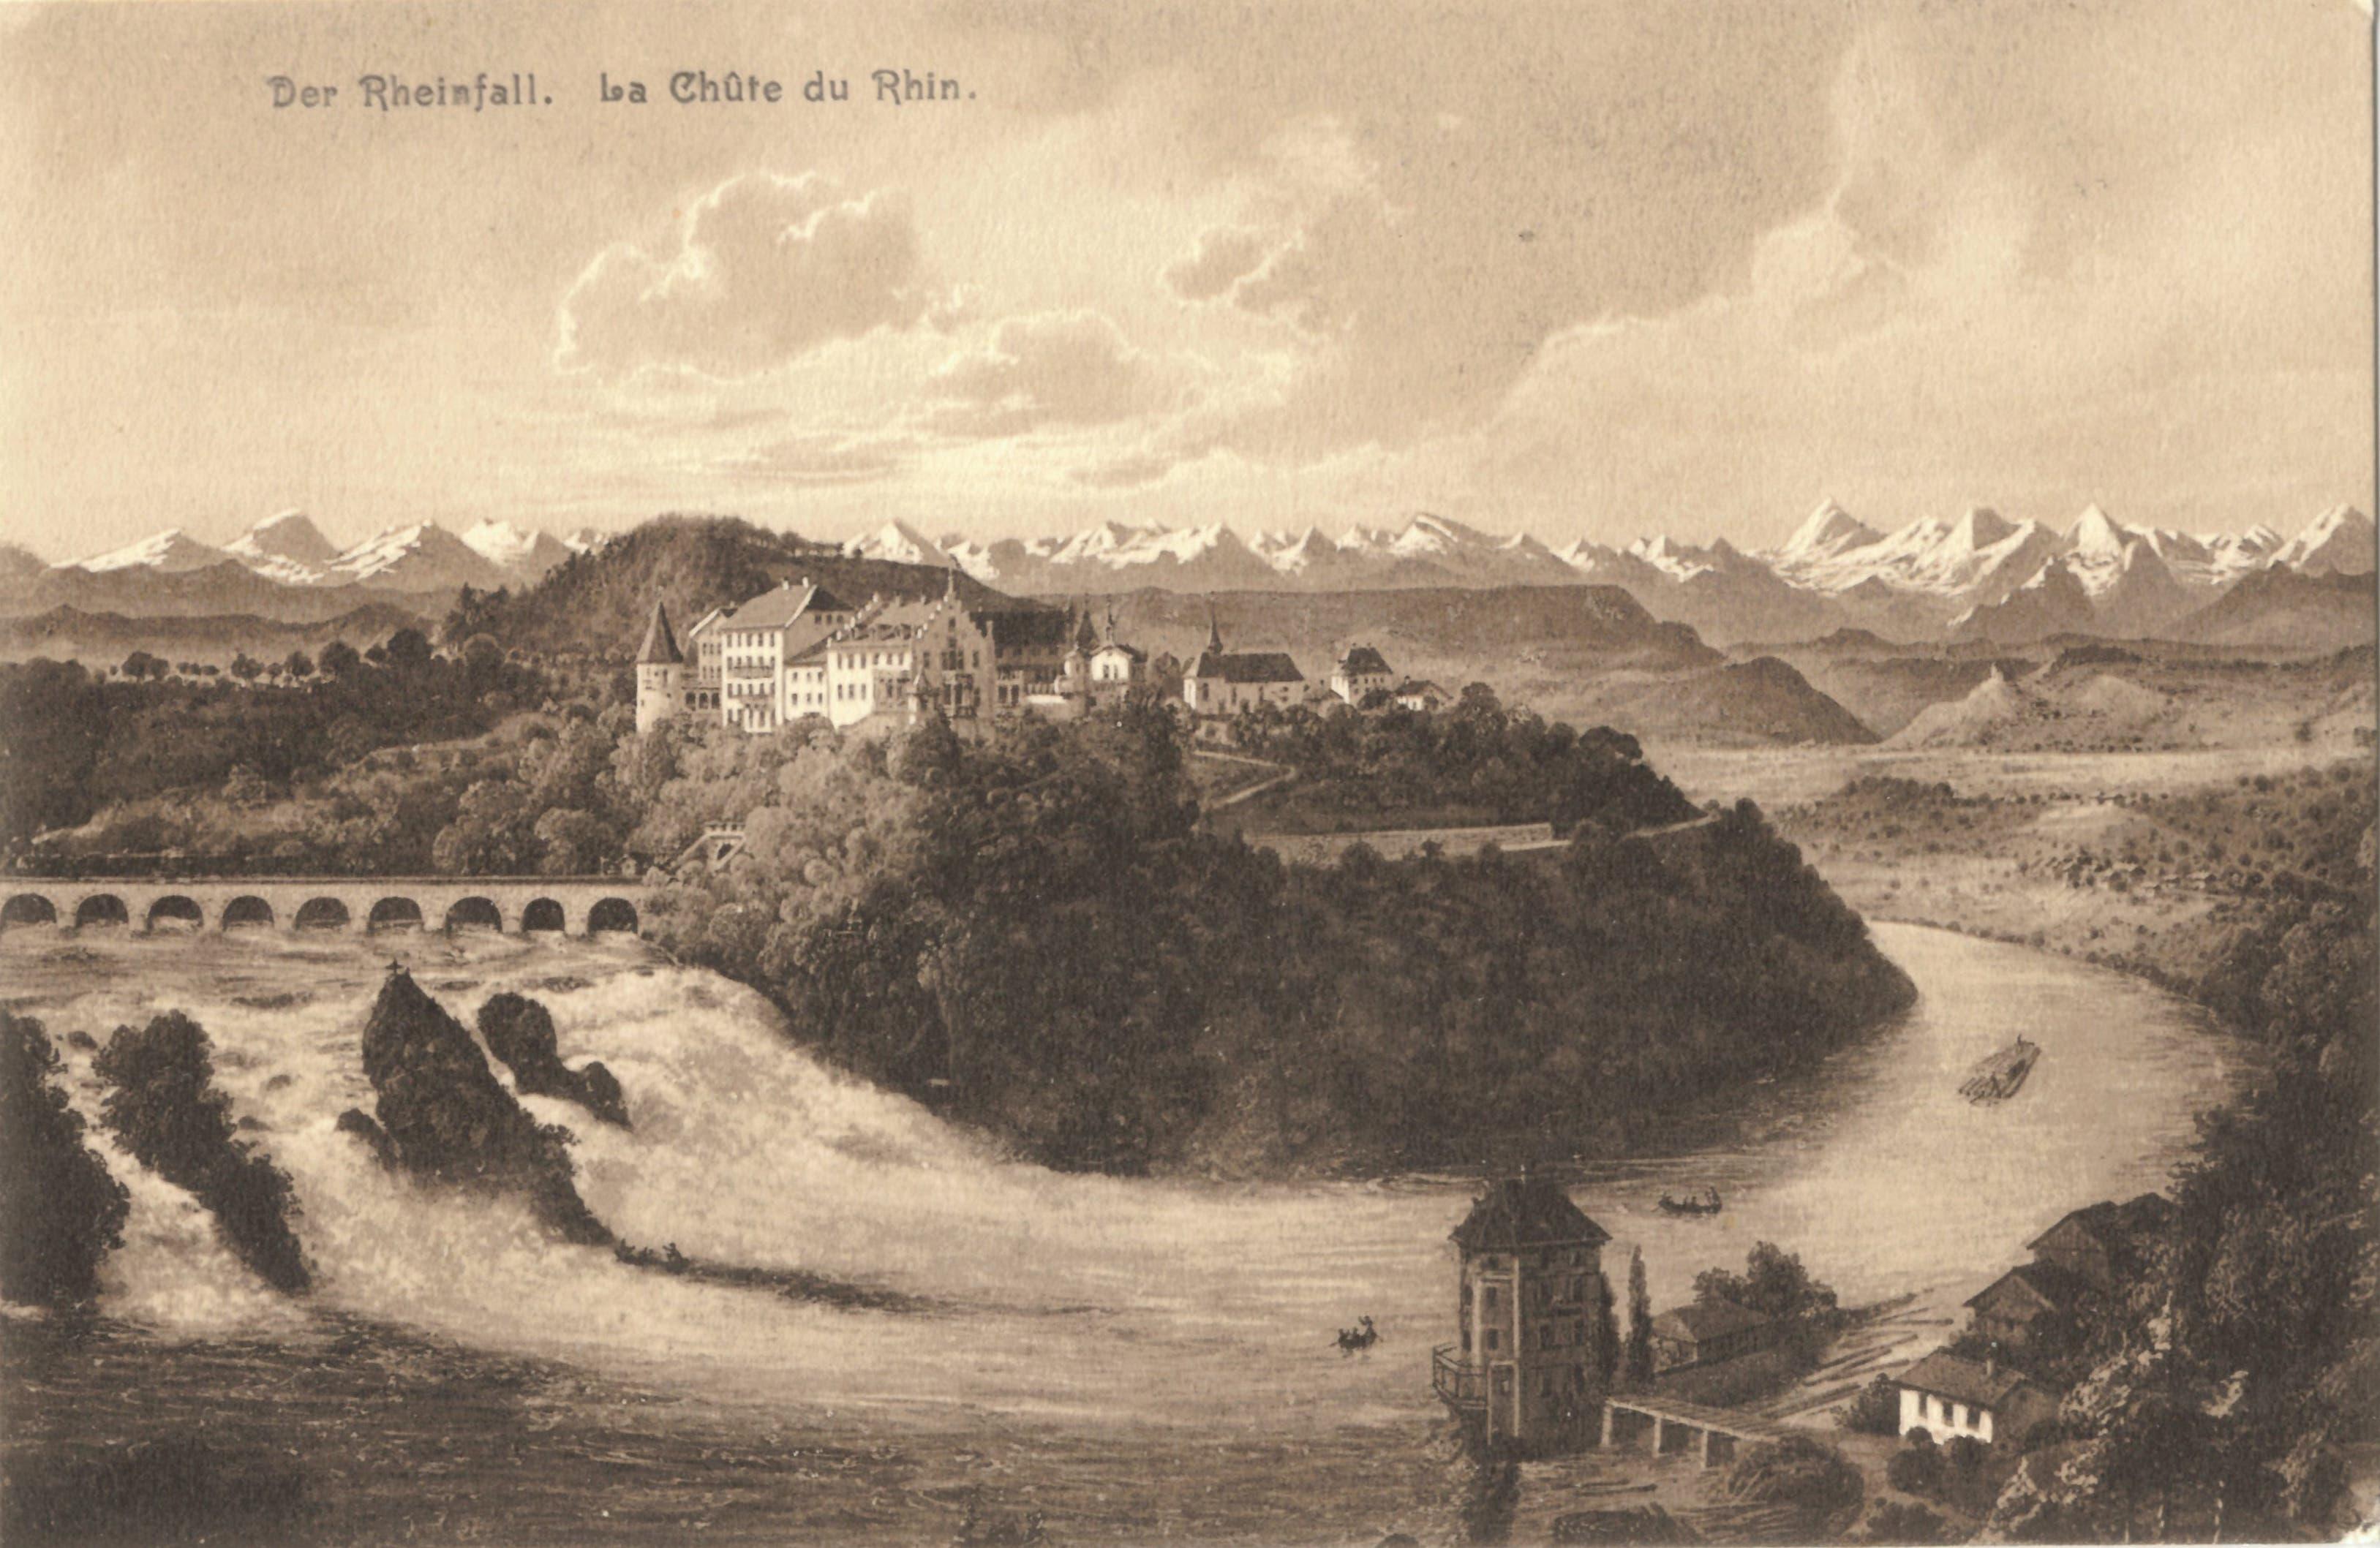 Das Wasser fliesst noch immer: der Rheinfall bei Schaffhausen 1904.